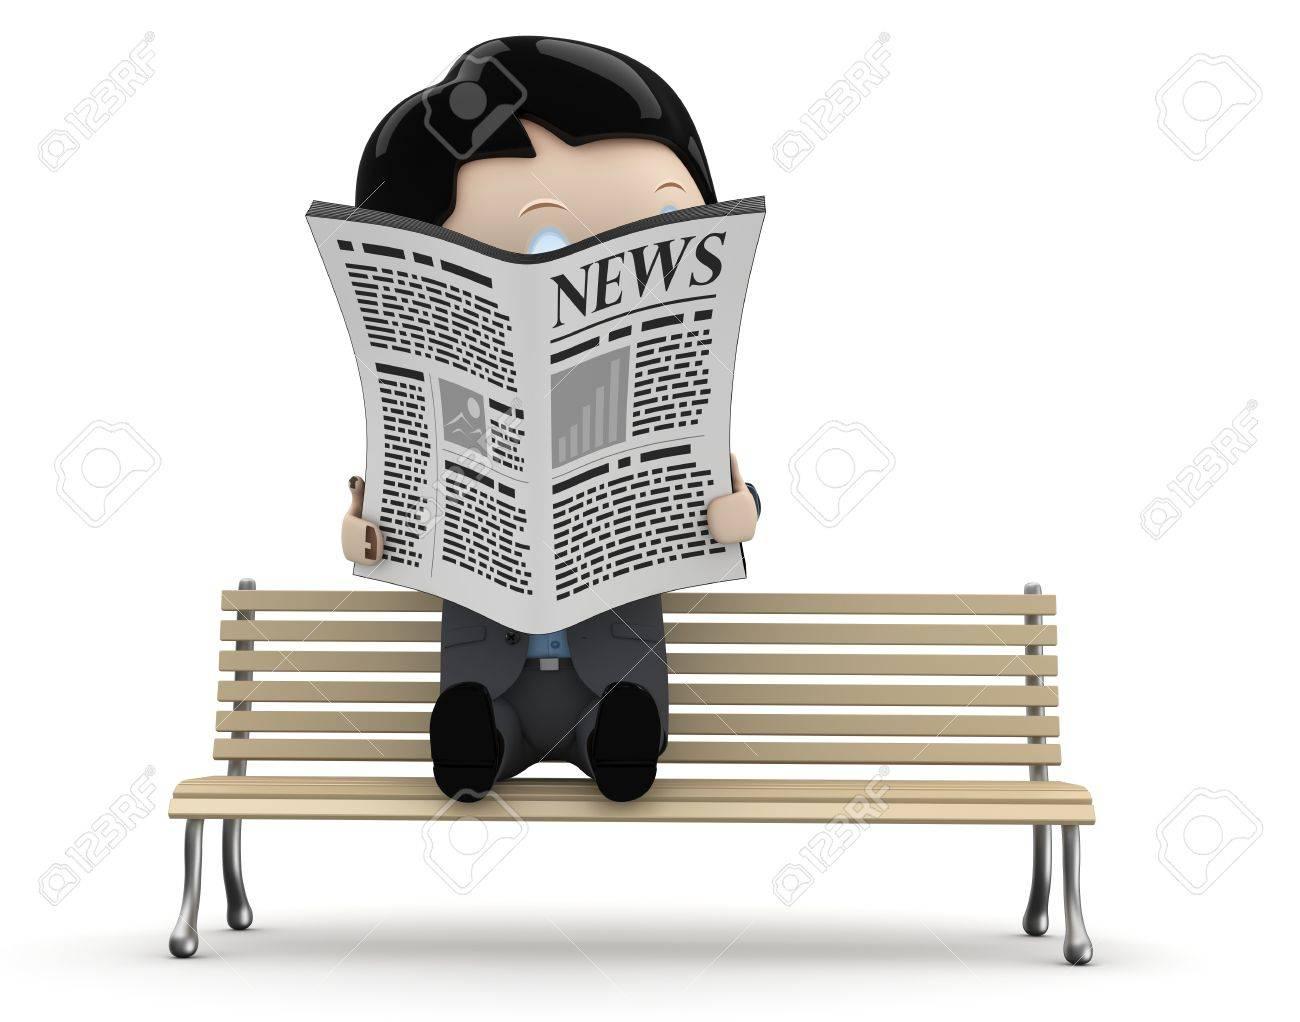 Resultado de imagen para CARTOON READING NEWSPAPER